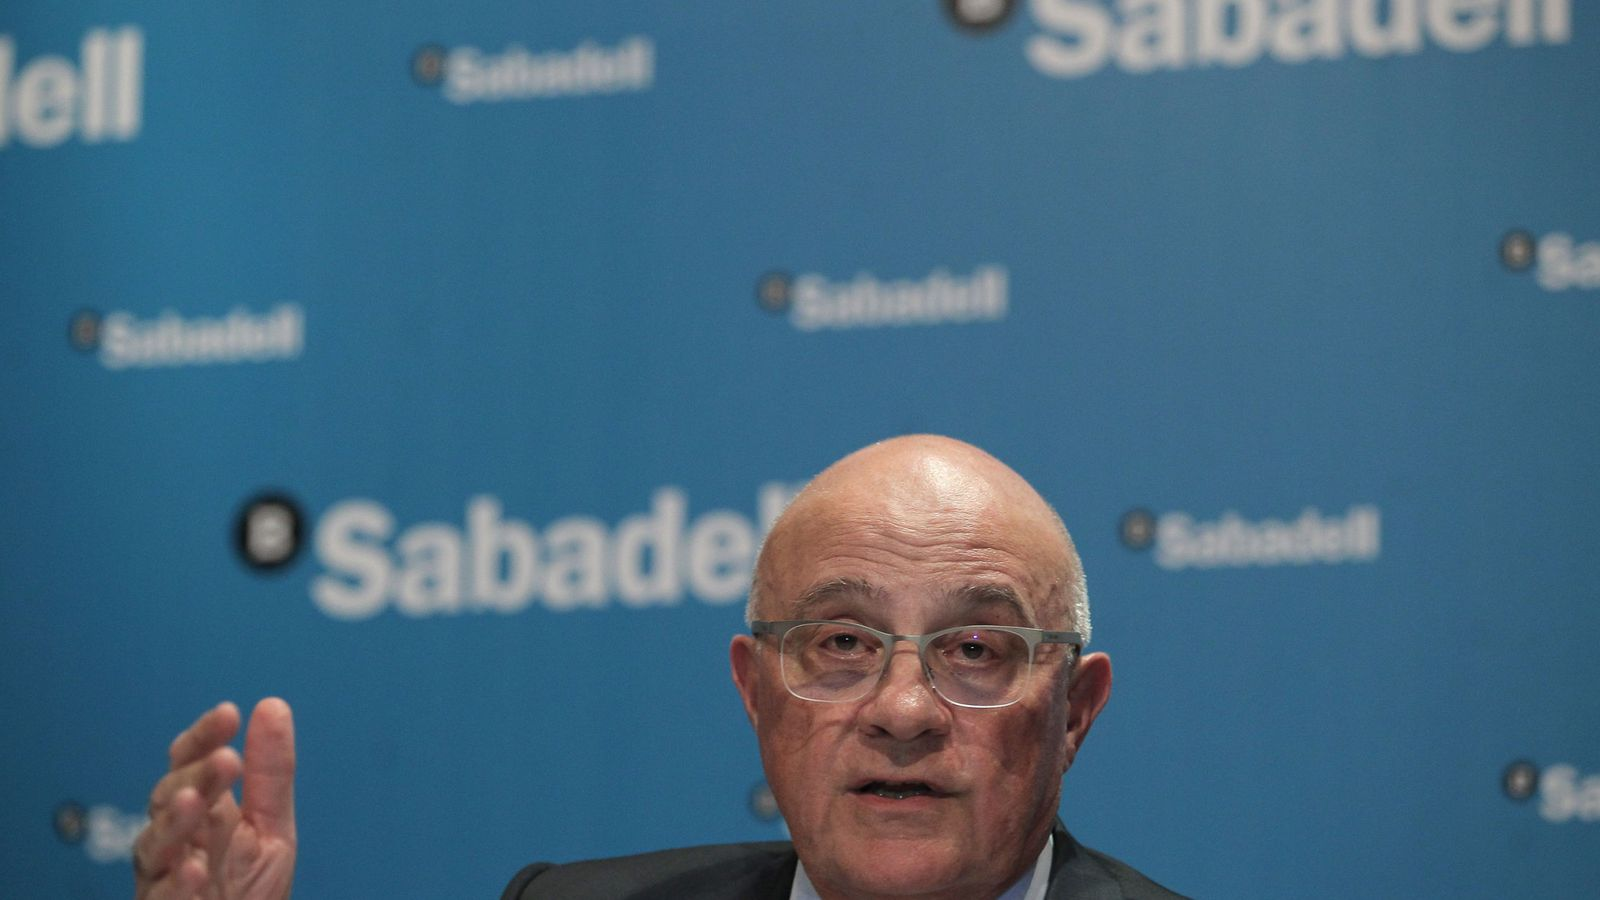 Foto:  El presidente del Banco Sabadell, Josep Oliu Creus. (EFE)